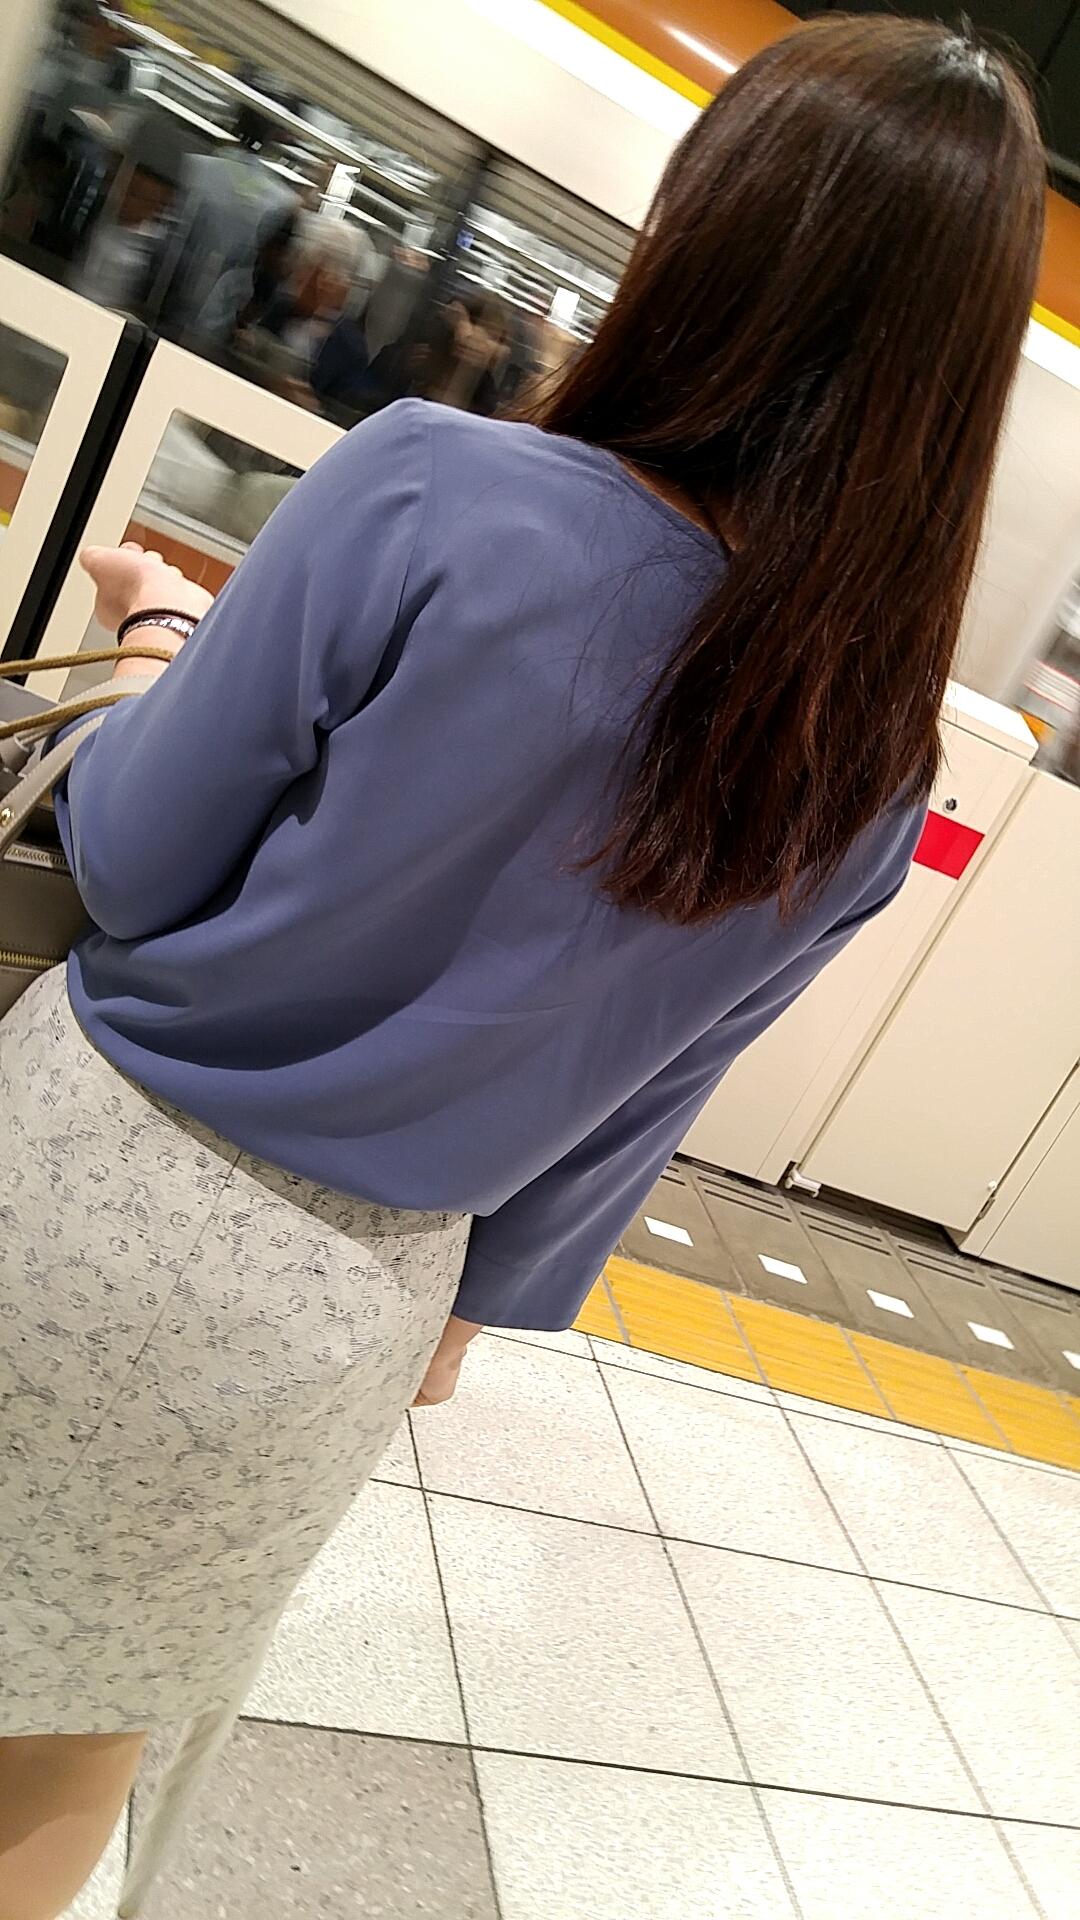 20170605_202558580.jpg